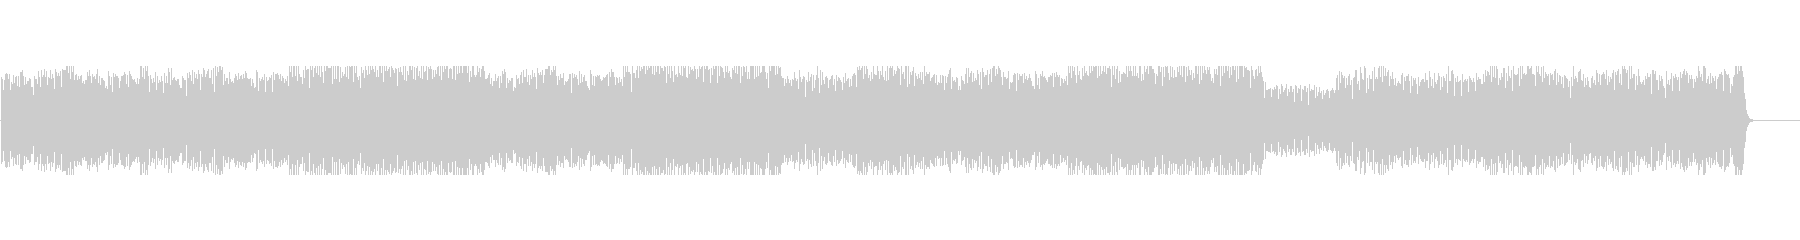 疾走感のあるシンセとピアノ主体の曲の未再生の波形